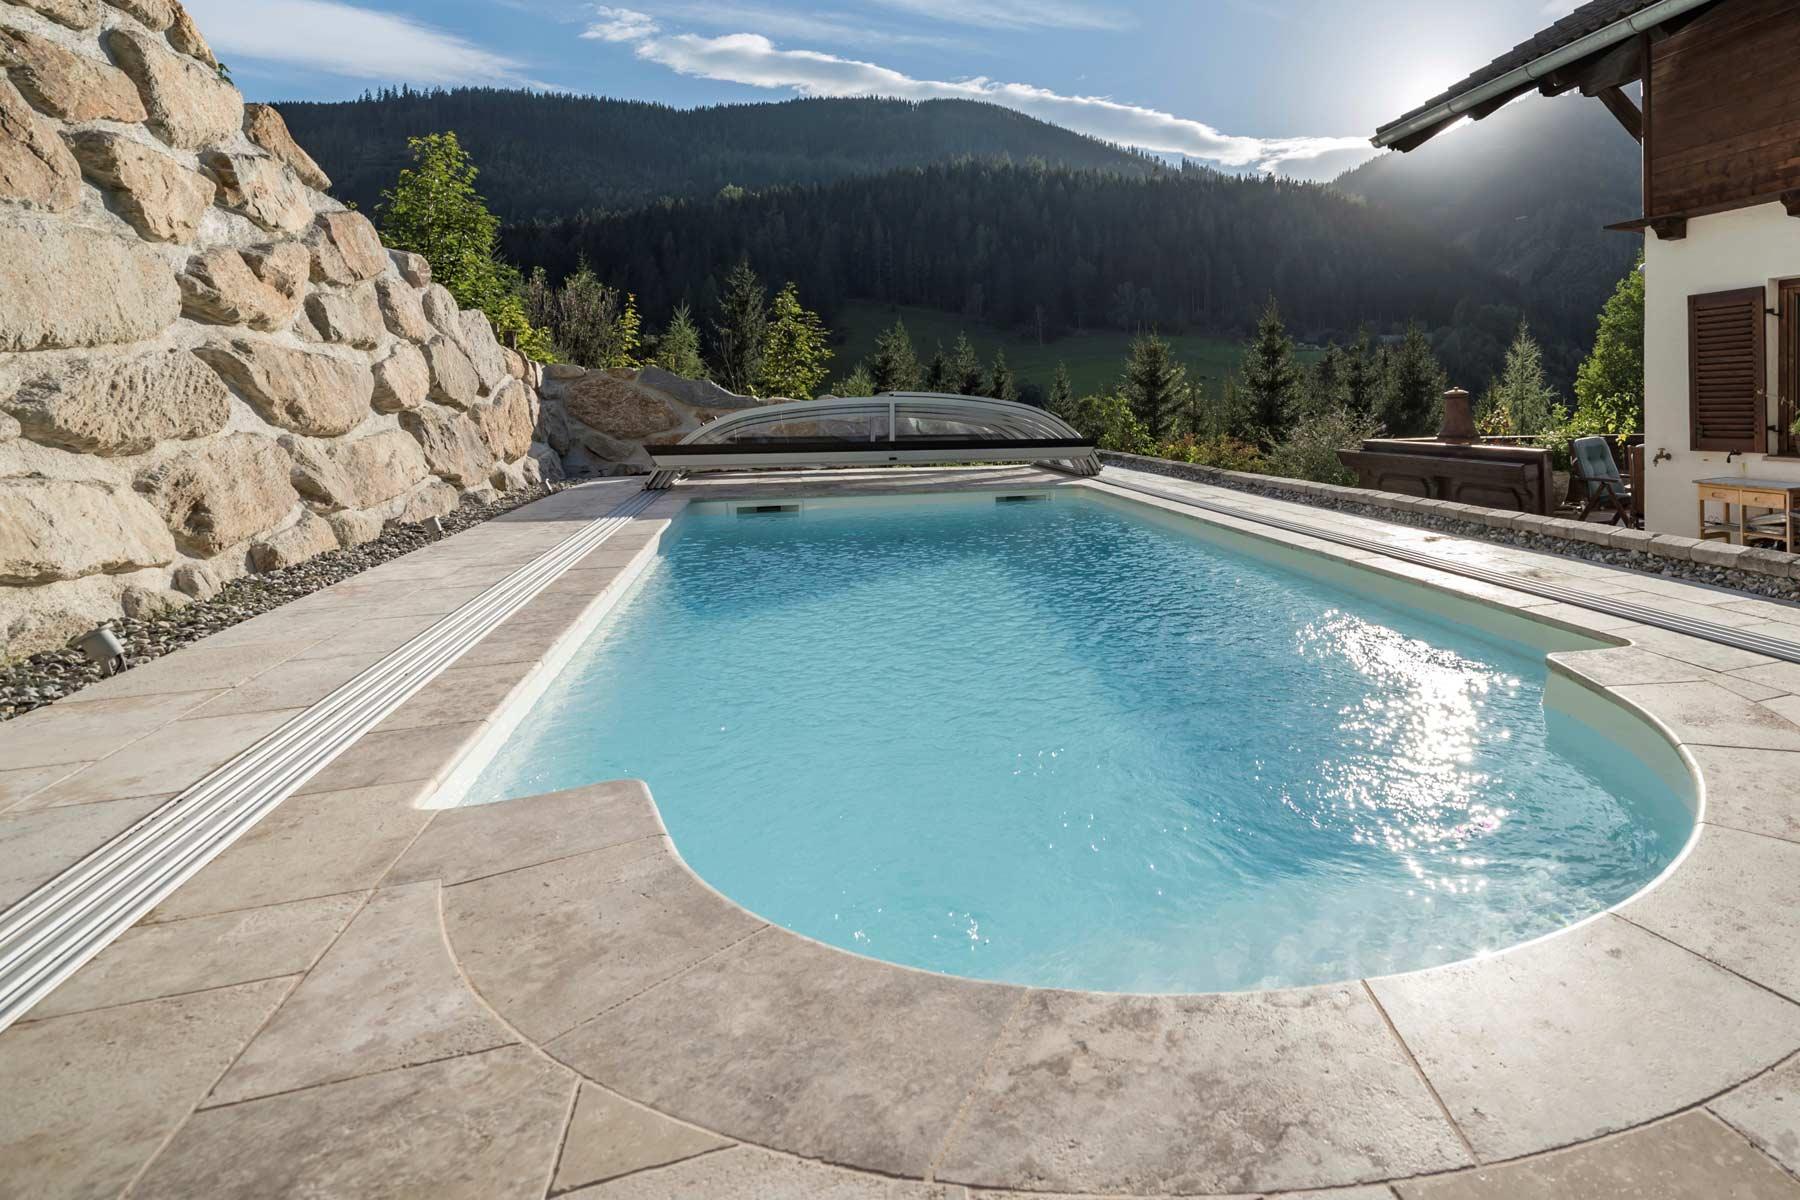 Naturstein Pool auf Terrasse in Luxus Villa